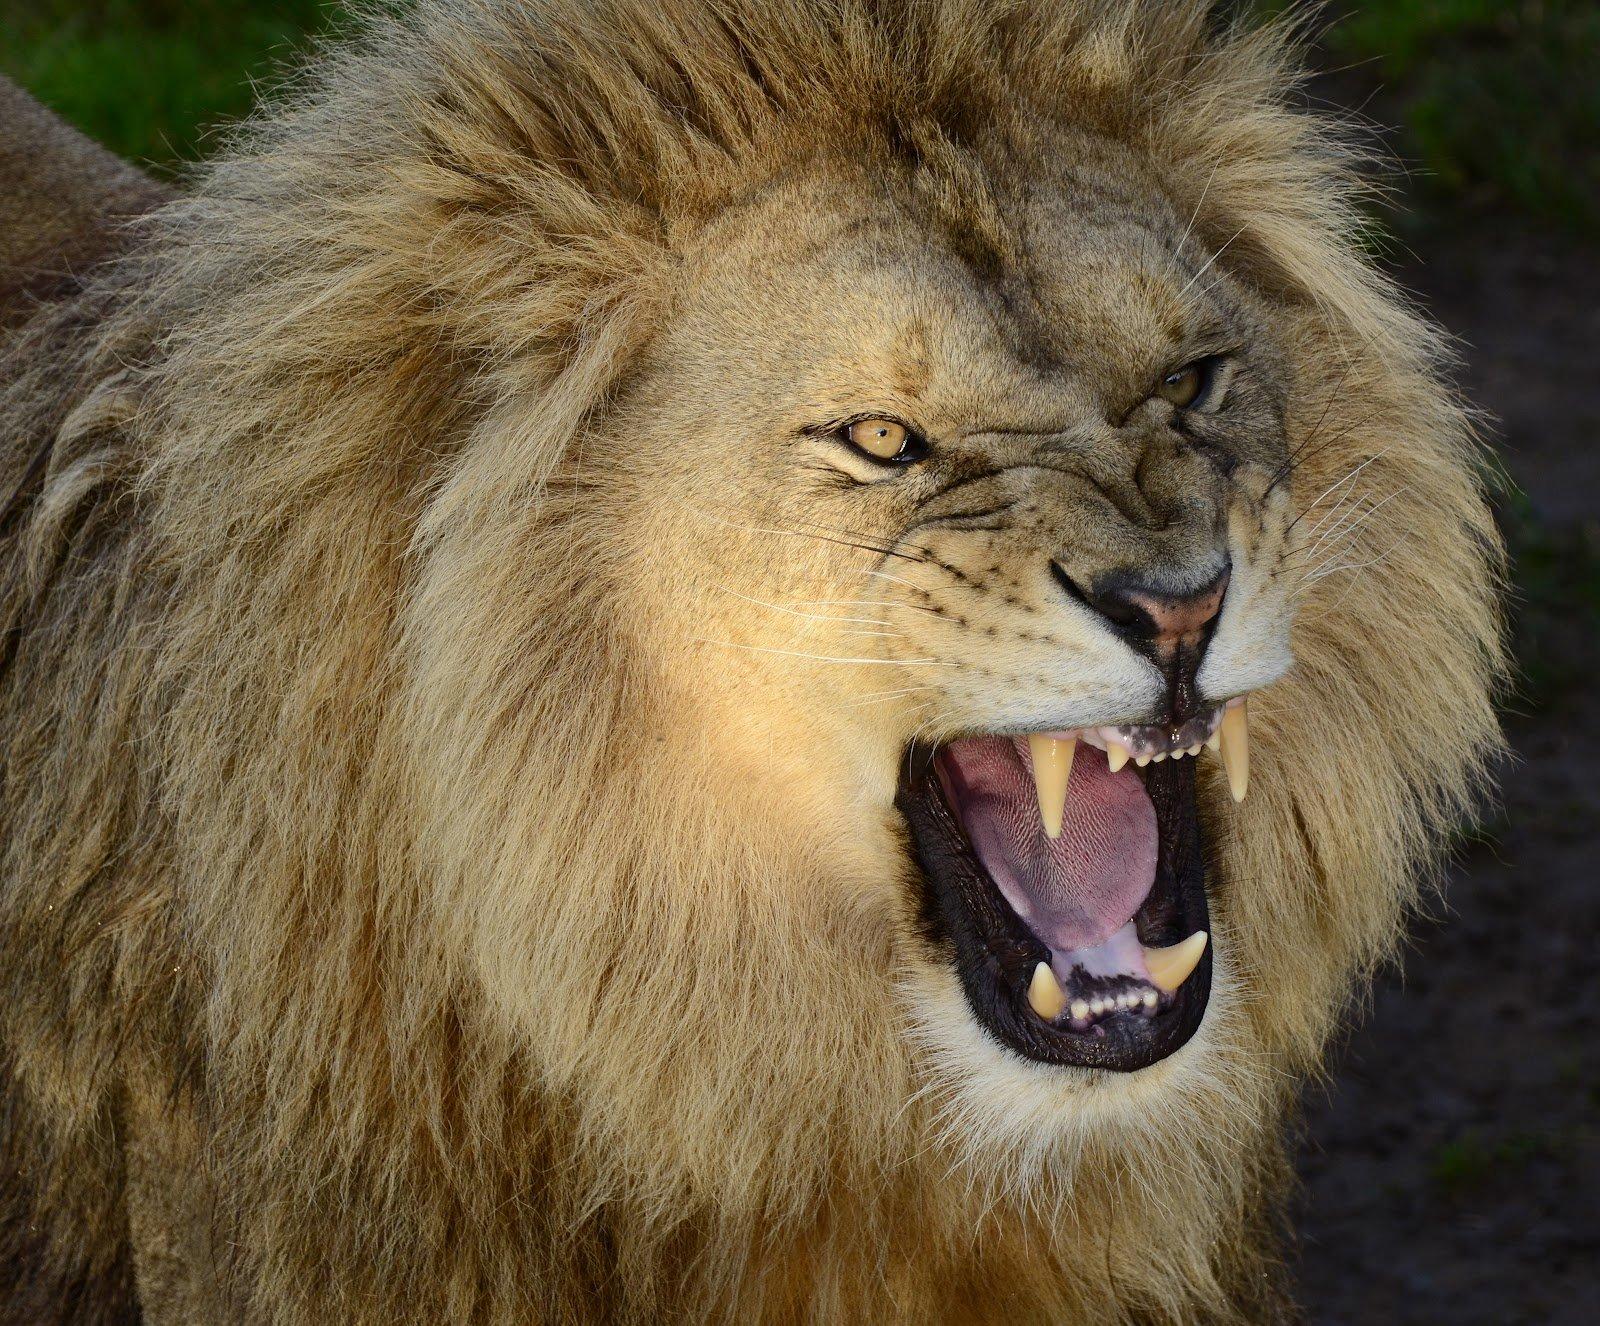 The Lions Roar Loot